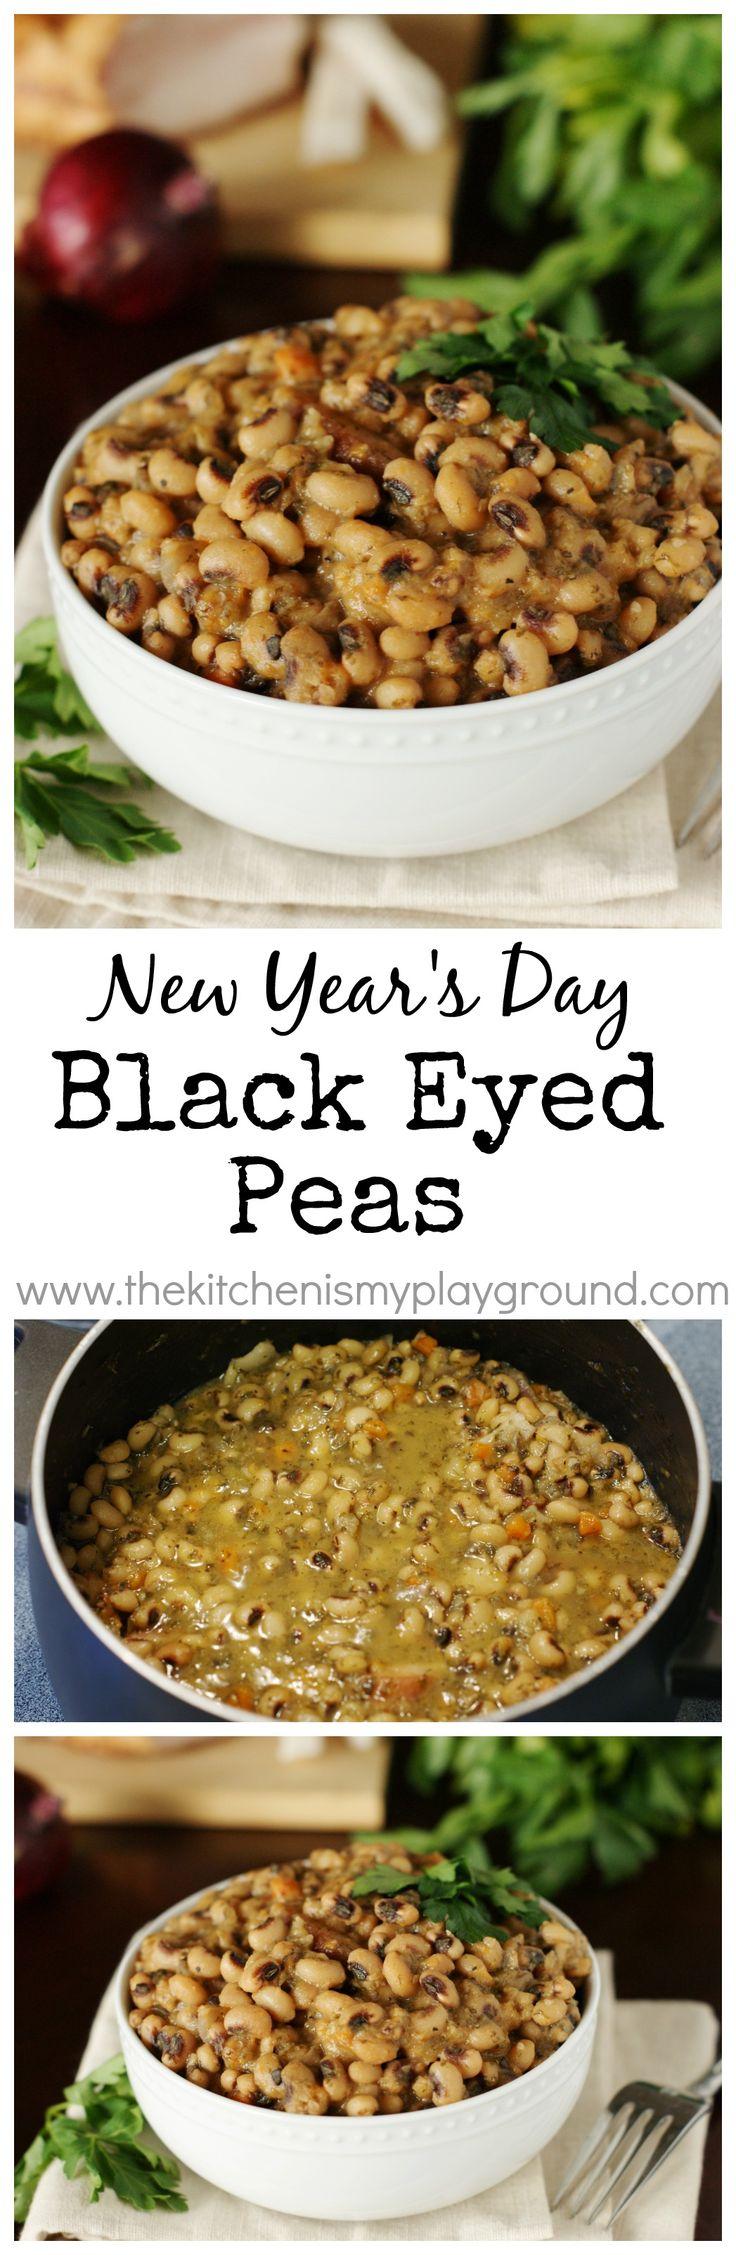 New Years Day Black Eyed Peas www.thekitchenismyplayground